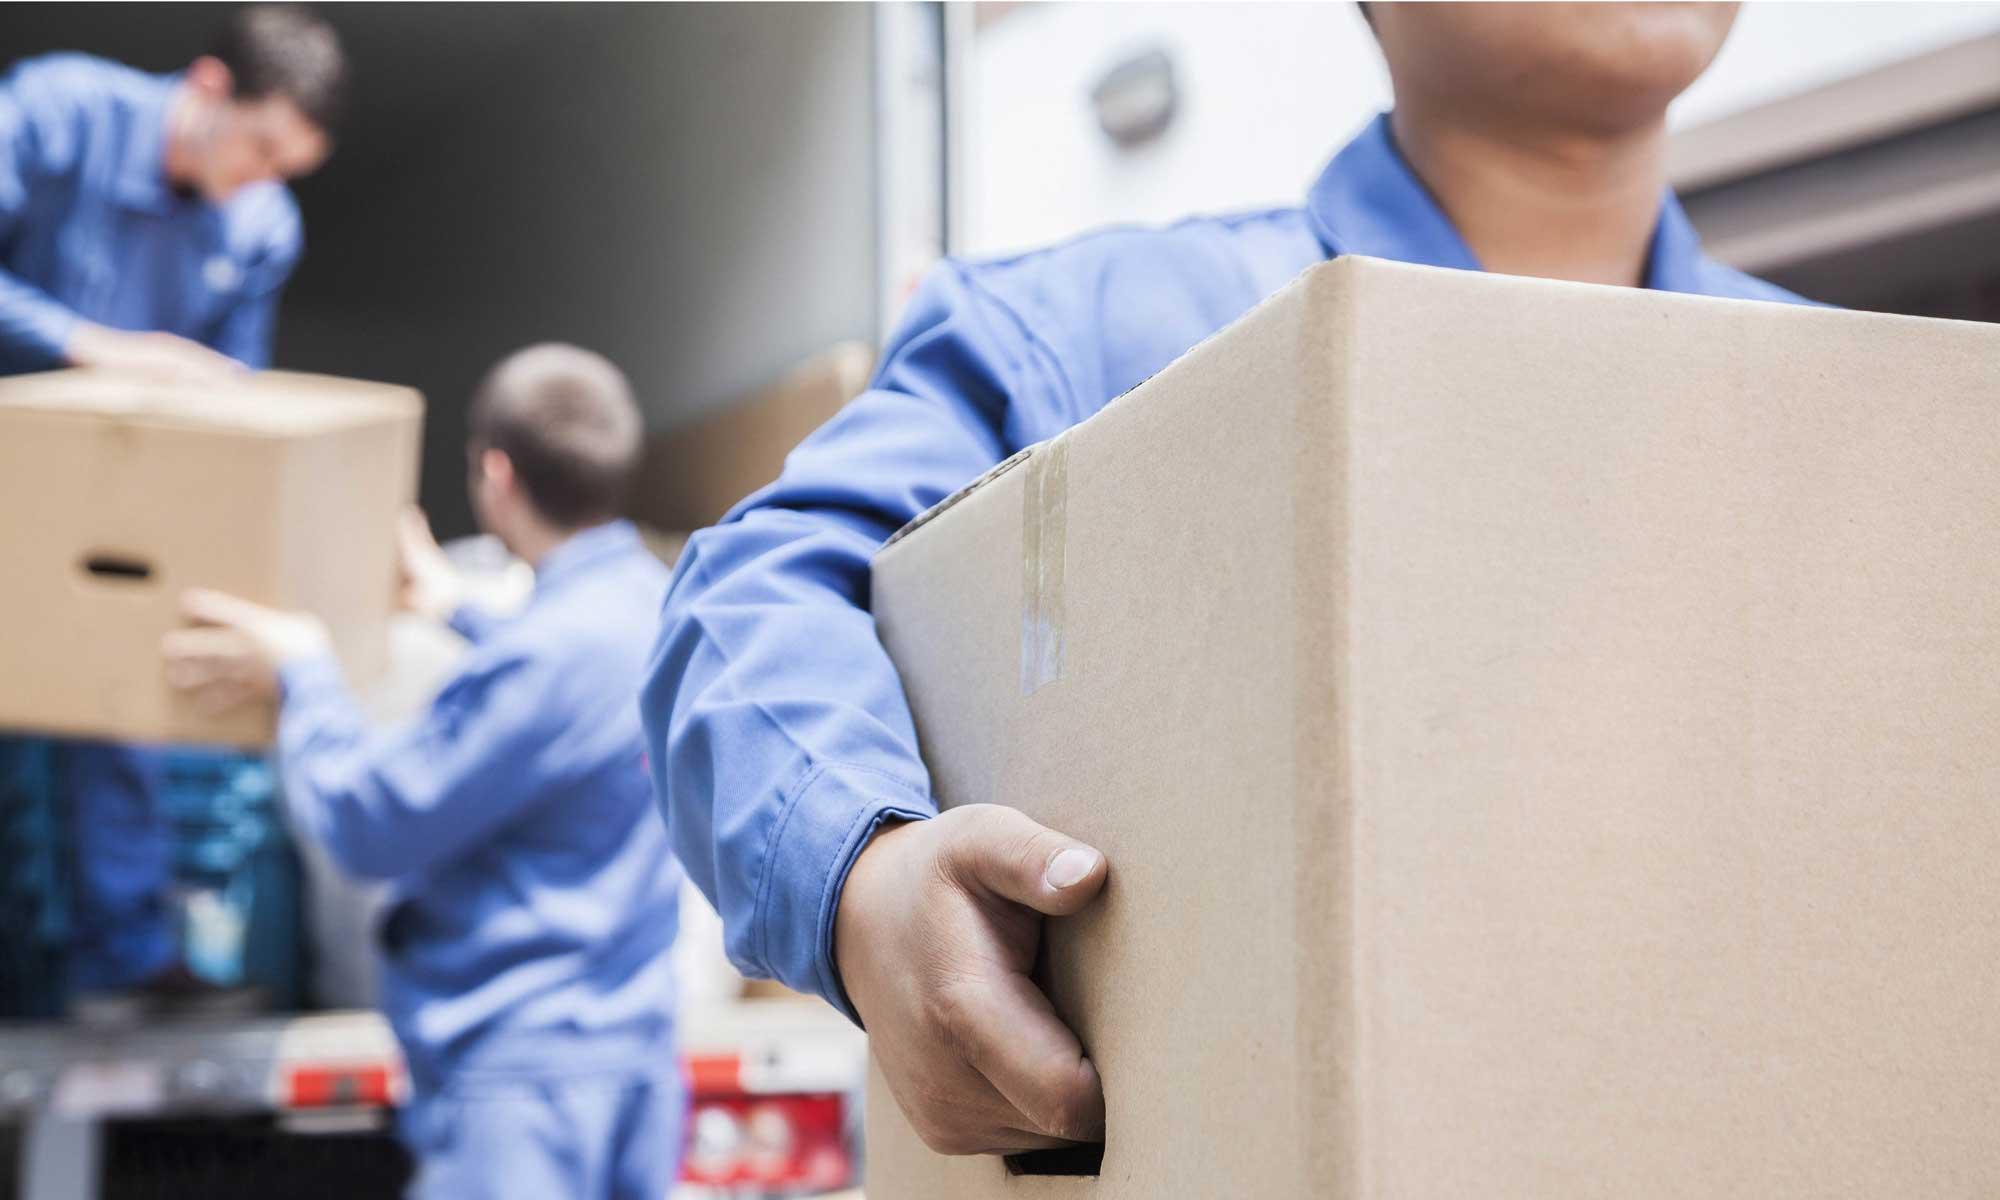 Nhân viên luôn được hướng dẫn vận chuyển hàng hoá cẩn thận, nhẹ nhàng